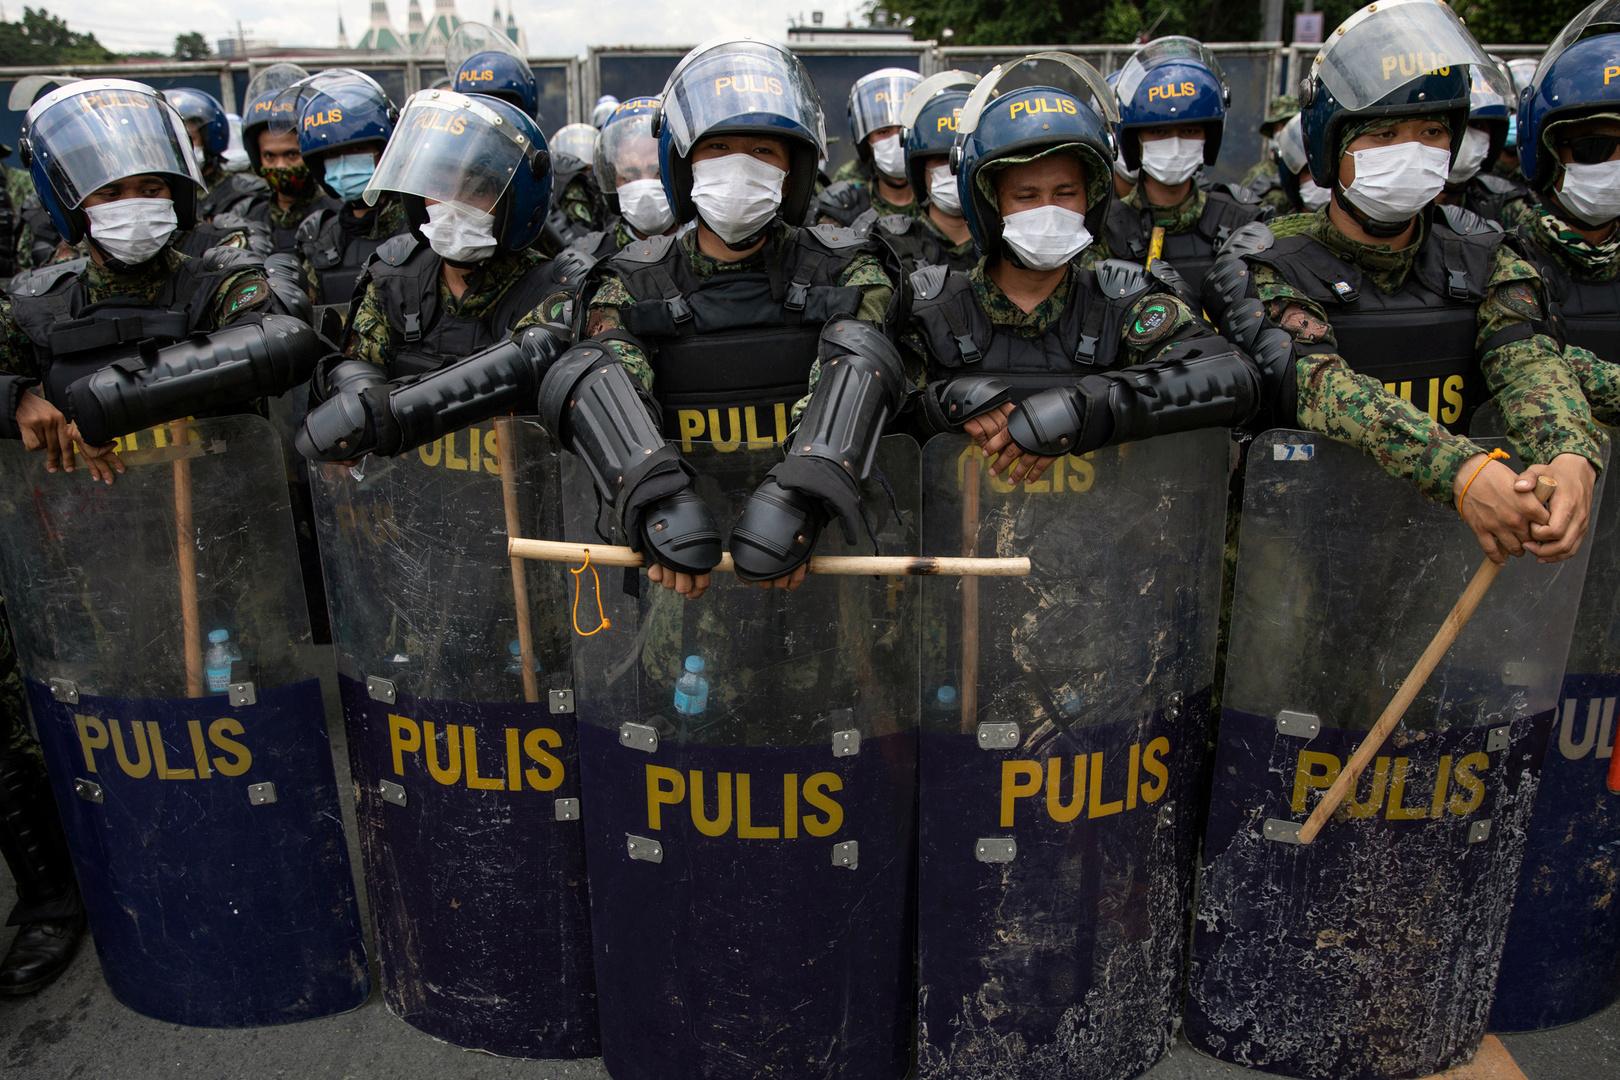 اعتقال سعودي في الفلبين بتهمة التعاون مع داعش